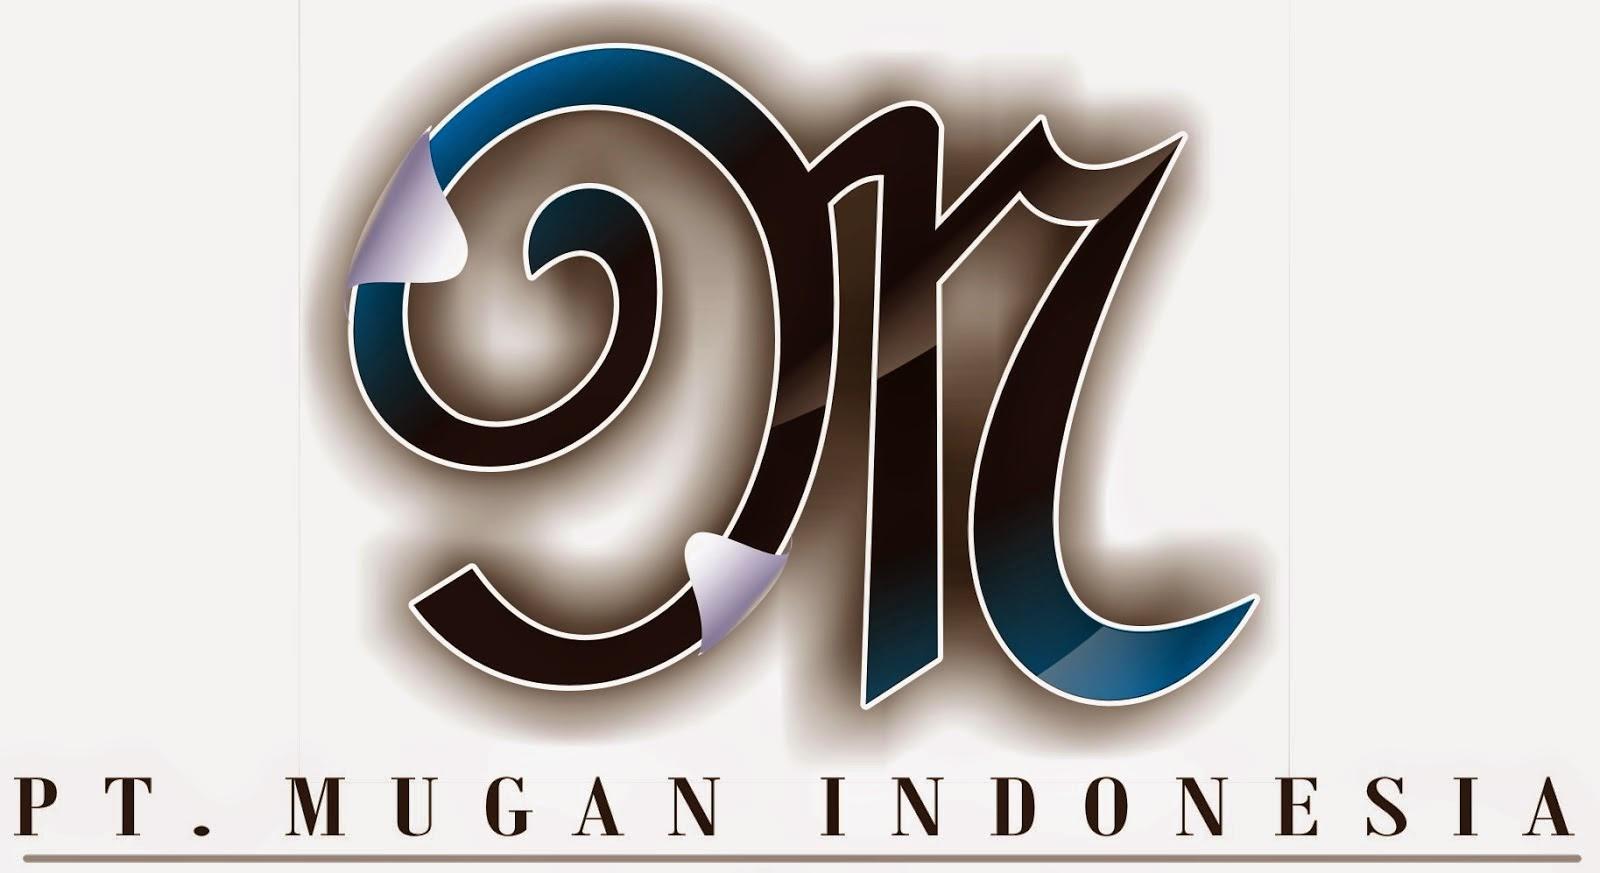 Www Lowongan Krja Seputar Jepara  Lowongan Kerja Pt Mugan Indonesia Semarang Desember 2014